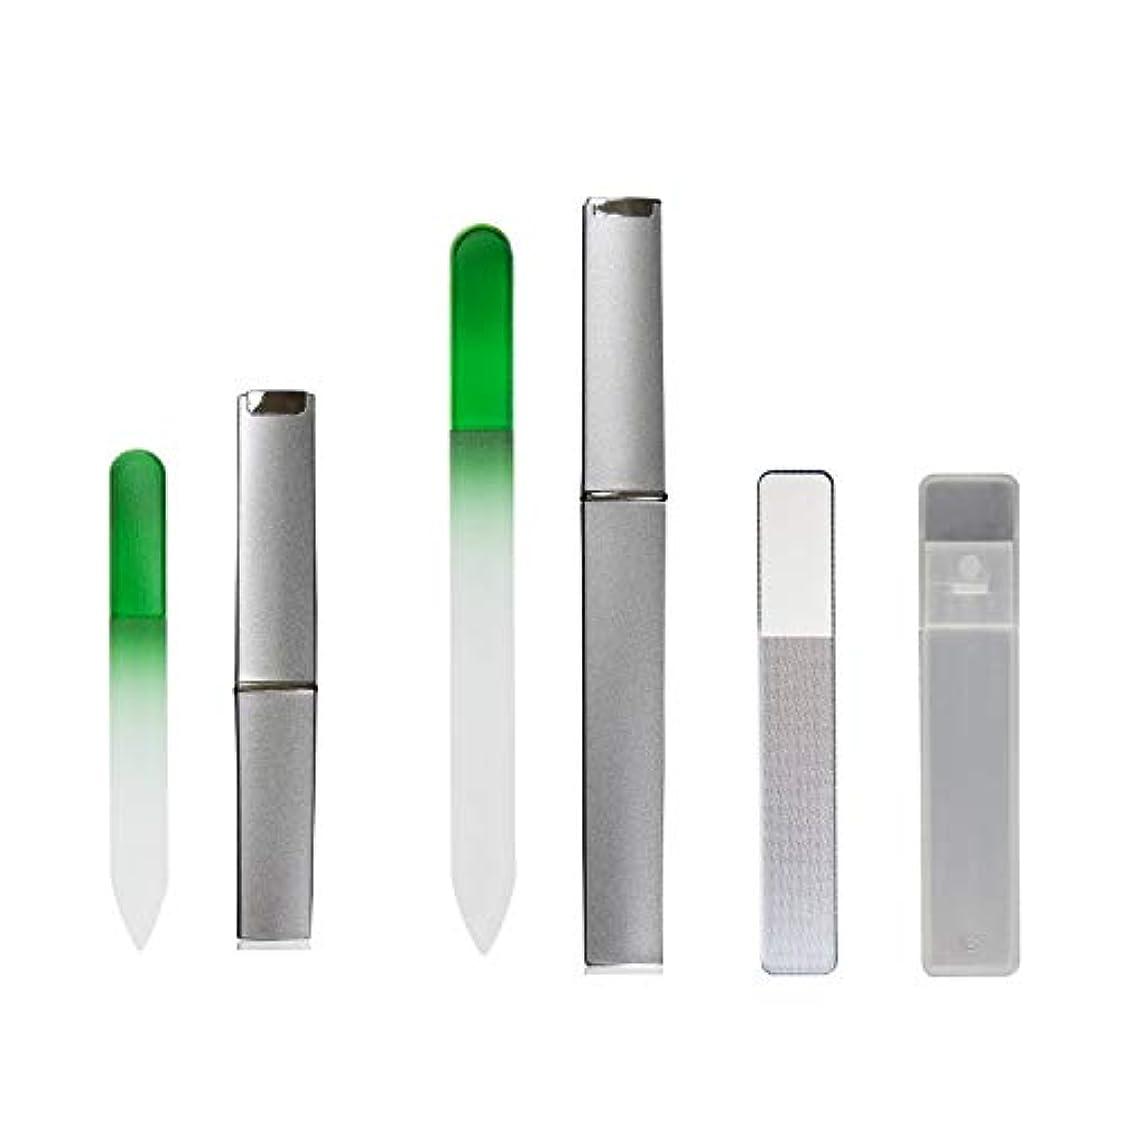 口頭感謝関連する4点セット 爪やすり 爪磨き ガラス製 専用 ケース付 ネイル ケア